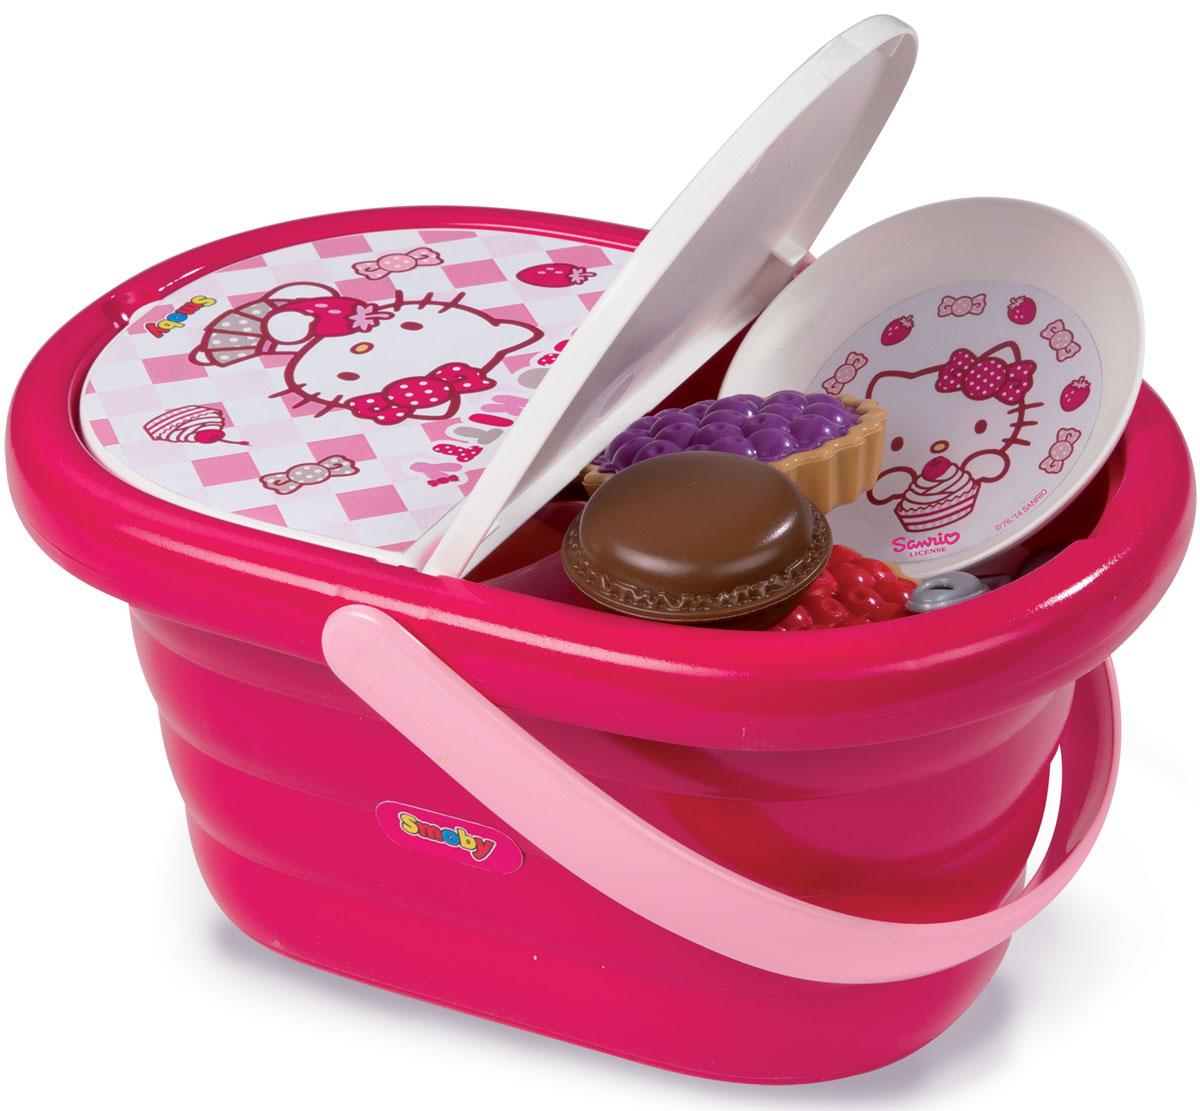 Smoby Набор посуды в корзине для пикника Hello Kitty24084Набор детской посуды Hello Kitty несомненно, привлечет внимание вашей малышки и не позволит ей скучать. Набор посуды рассчитан на три персоны. В набор входят: ложечки, вилки, ножи, тарелочки, стаканчики, кружки, молочник, сахарница и пирожные. Элементы набора выполнены из яркого пластика и оформлены изображениями всеми любимой кошечки Китти. Посуда упакована в корзинку для пикника. Корзина дополнена крышкой и удобной ручкой. С этим аксессуаром так удобно переносить посуду из комнаты в комнату или отправиться на природу для пикника на свежем воздухе! С этим набором маленькая хозяйка будет часами занята игрой и сможет устроить для своих кукол незабываемое чаепитие.